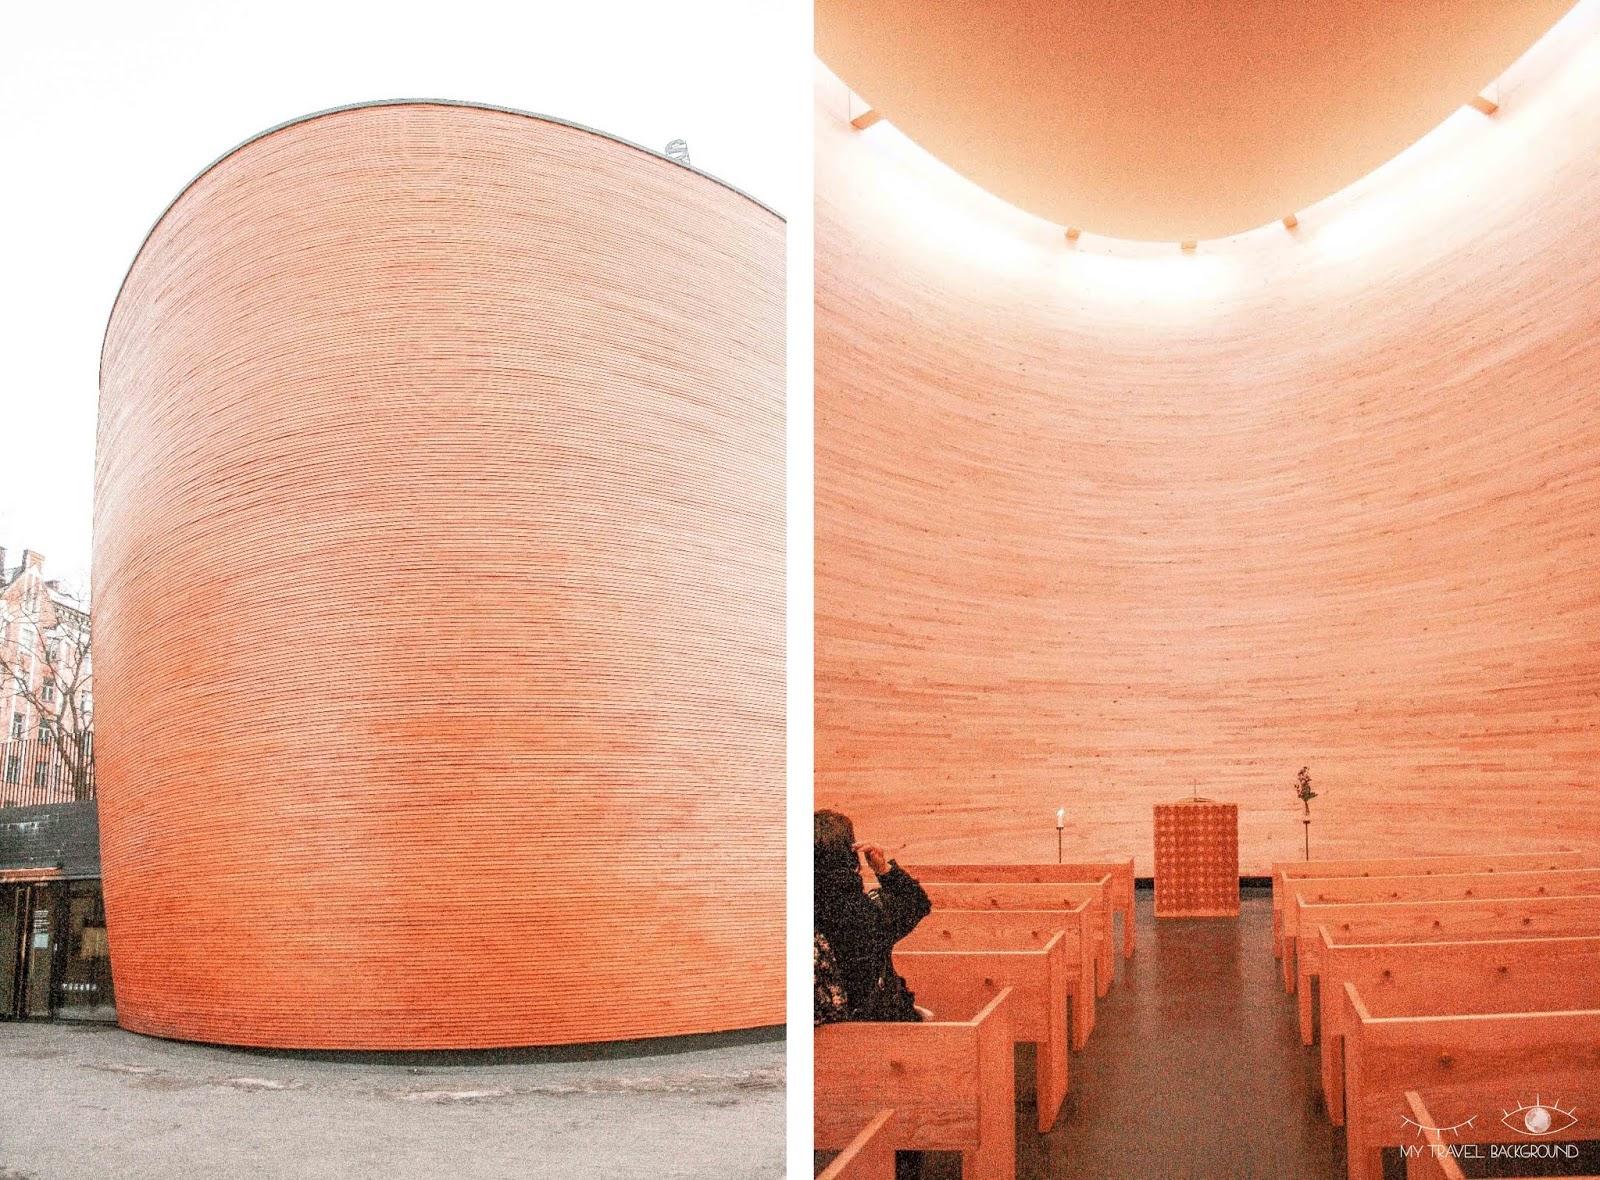 My Travel Background : 2 jours pour découvrir Helsinki, la capitale de la Finlande - Chapelle Kamppi